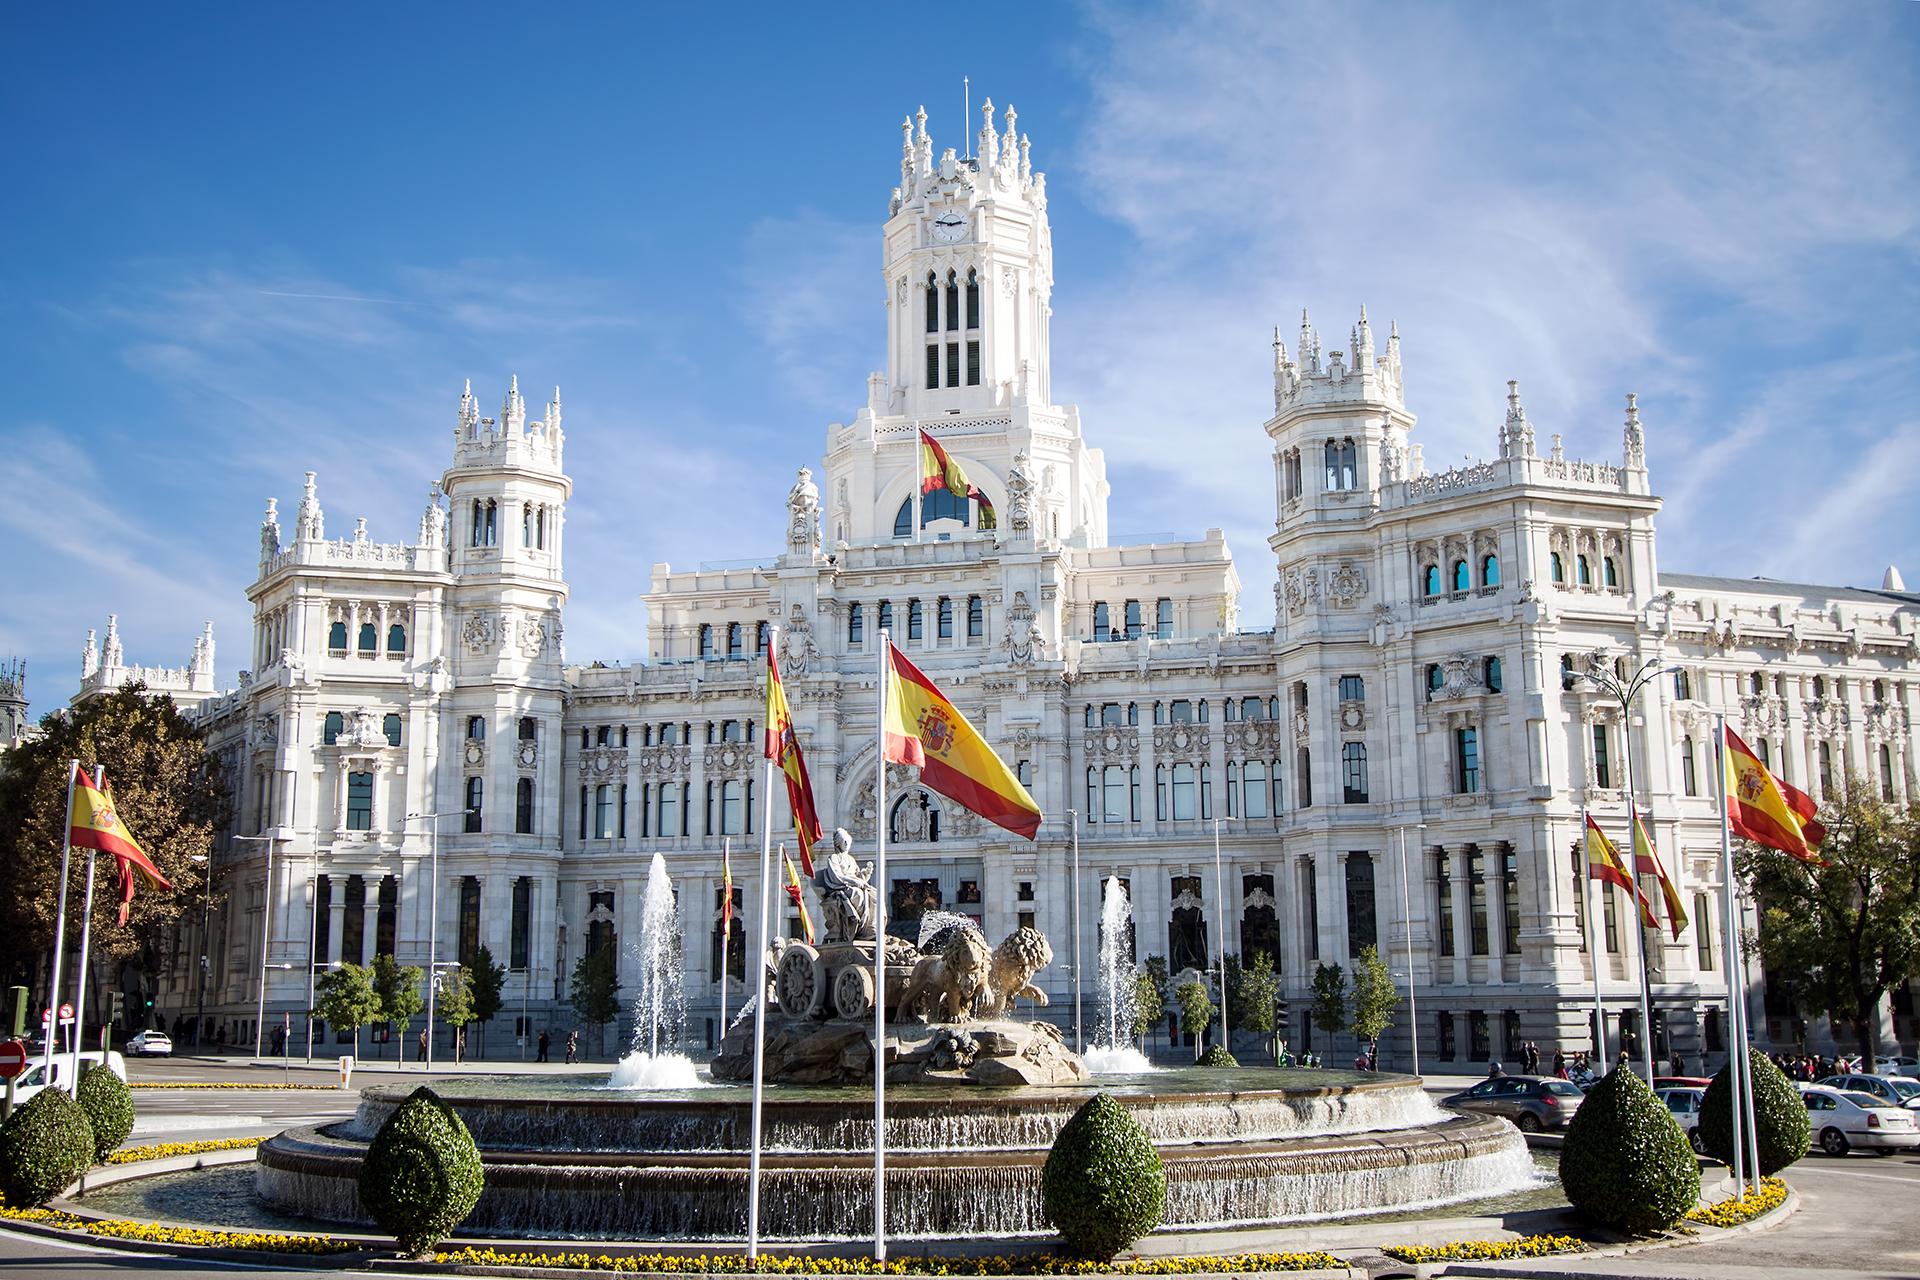 Qué ver y hacer en Madrid - Palacio de Cibeles | Foto: Sbostock | Dreamstime.com